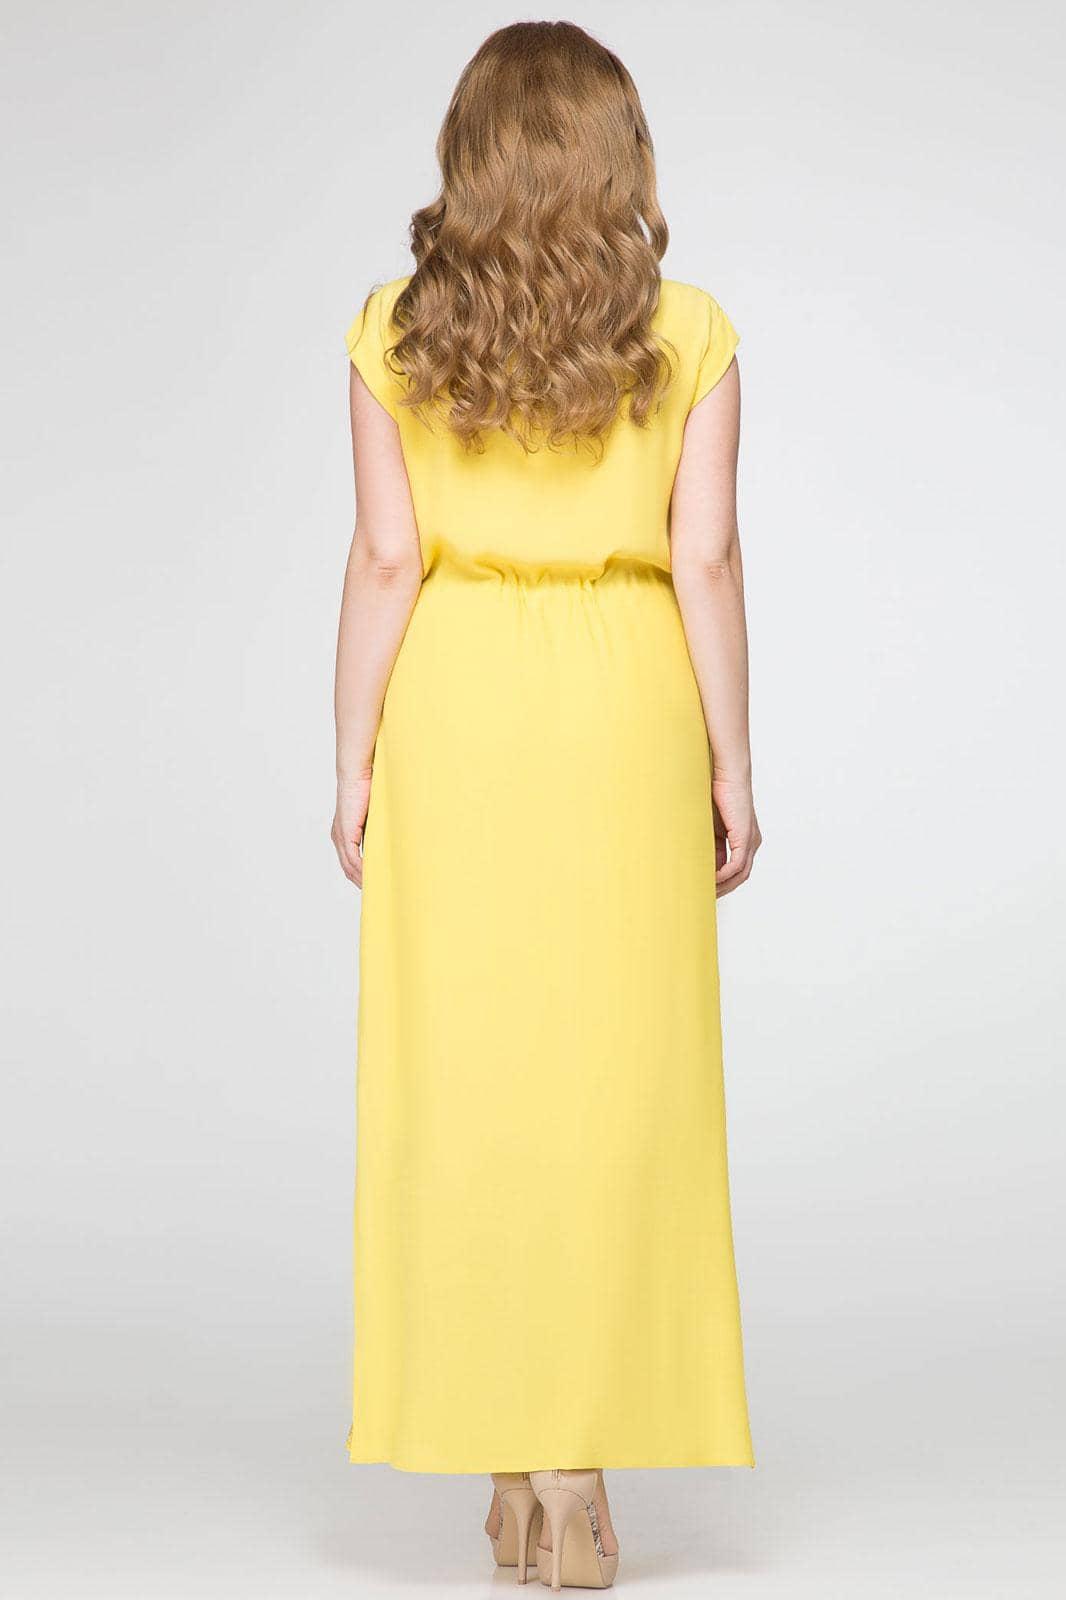 Платье Panda 380080 желтый - фото 2